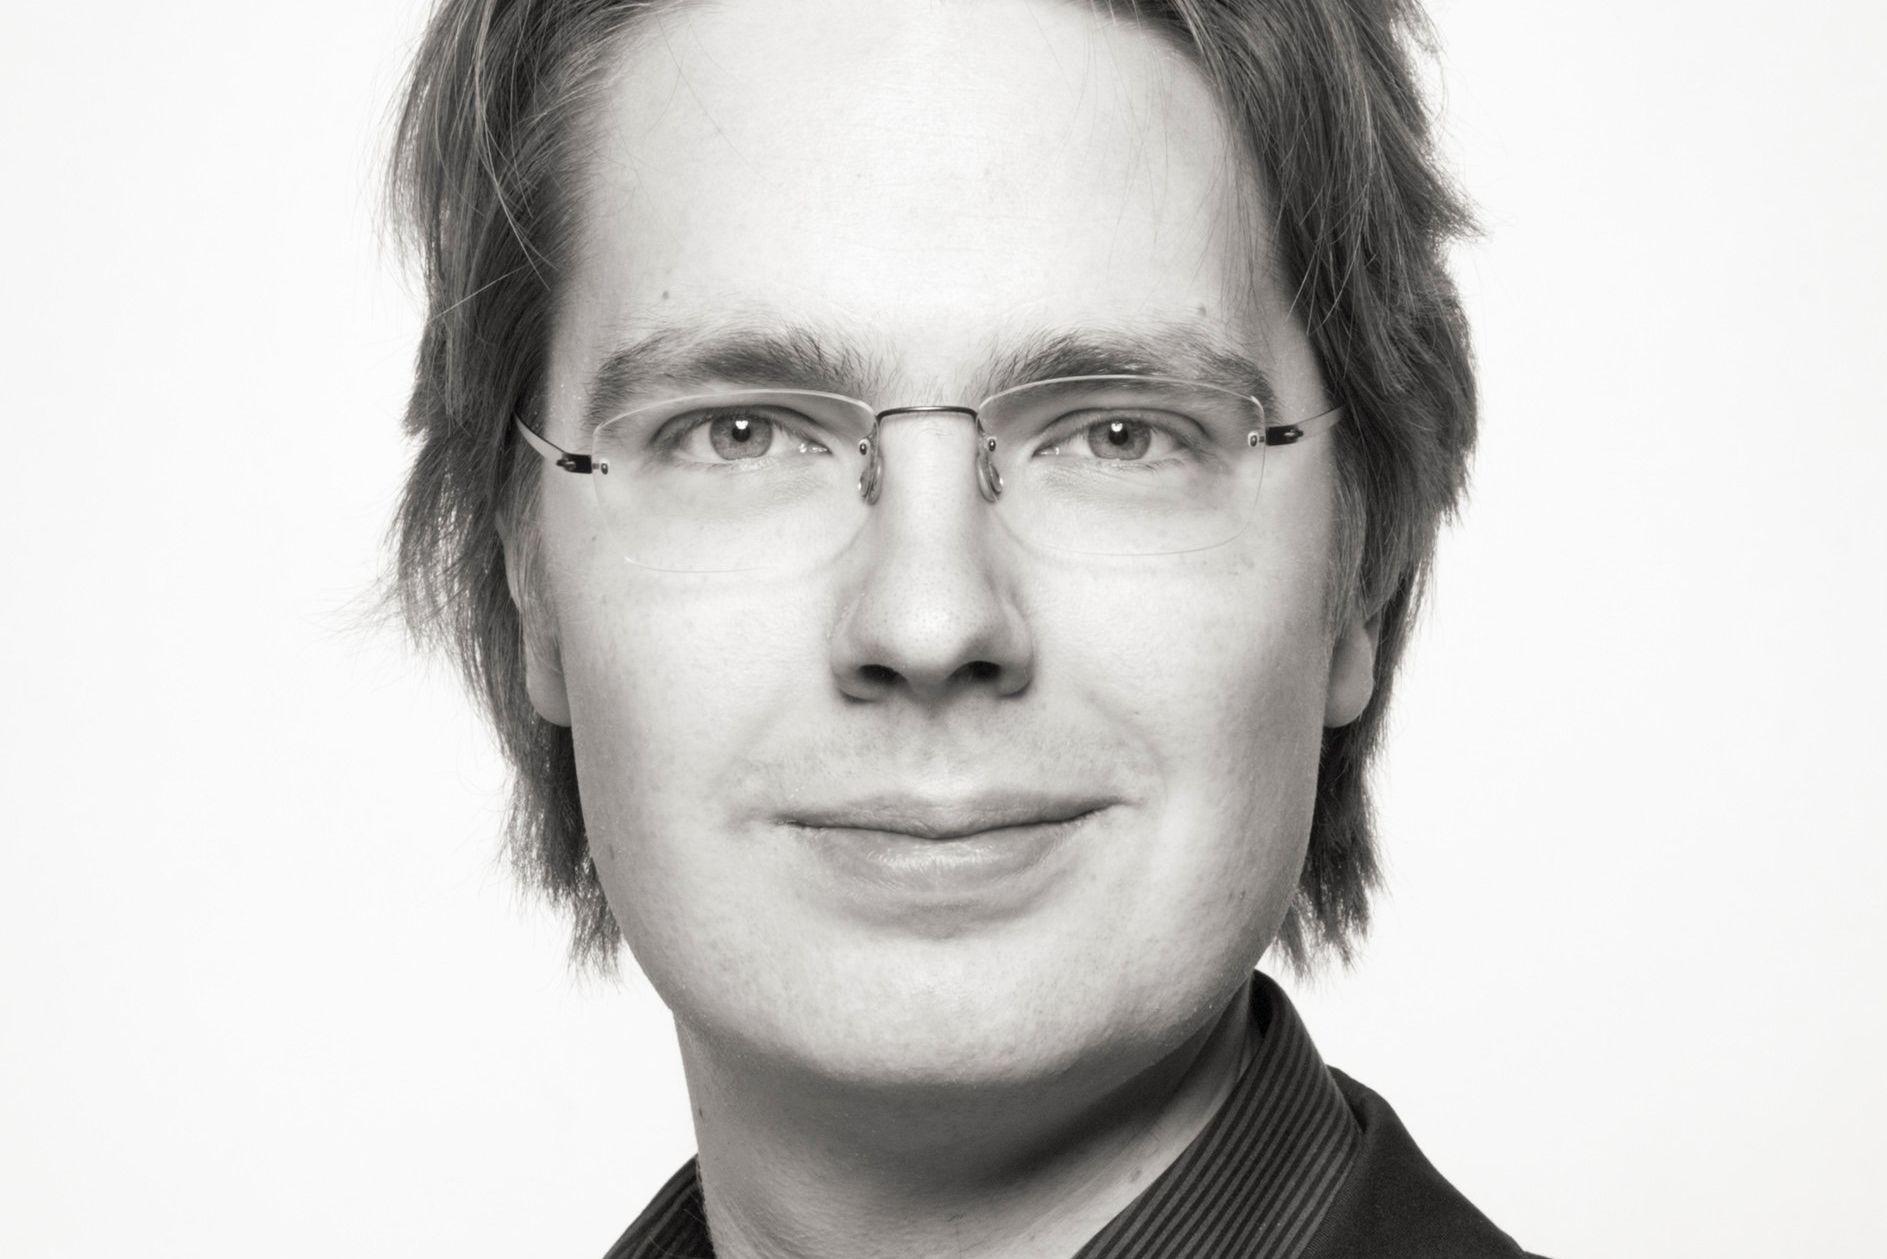 Valtteri Rauhalammi